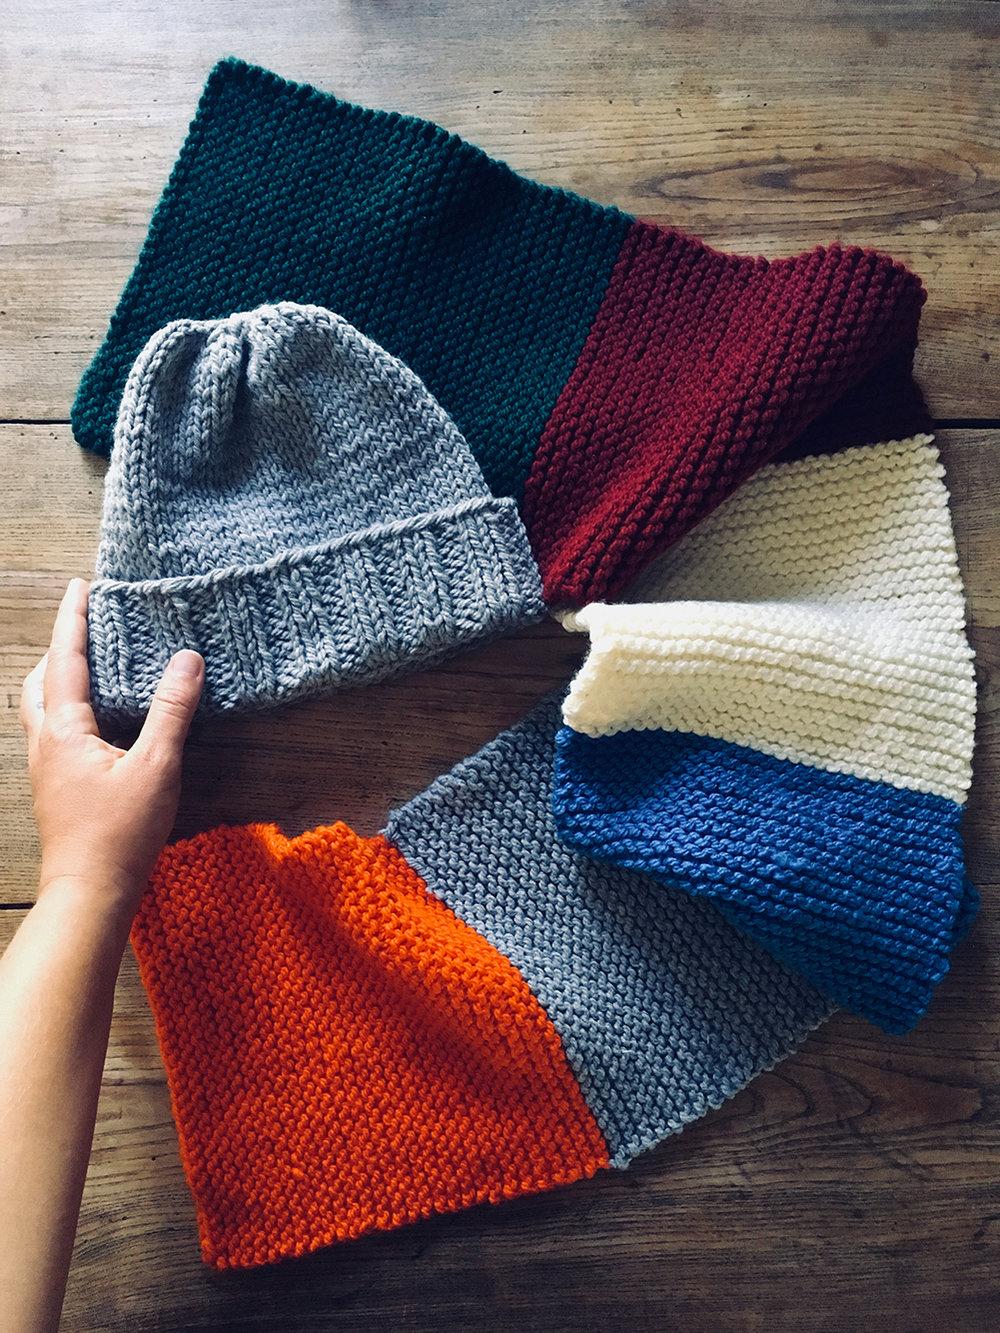 wool_done_knitting_prym_4.jpg